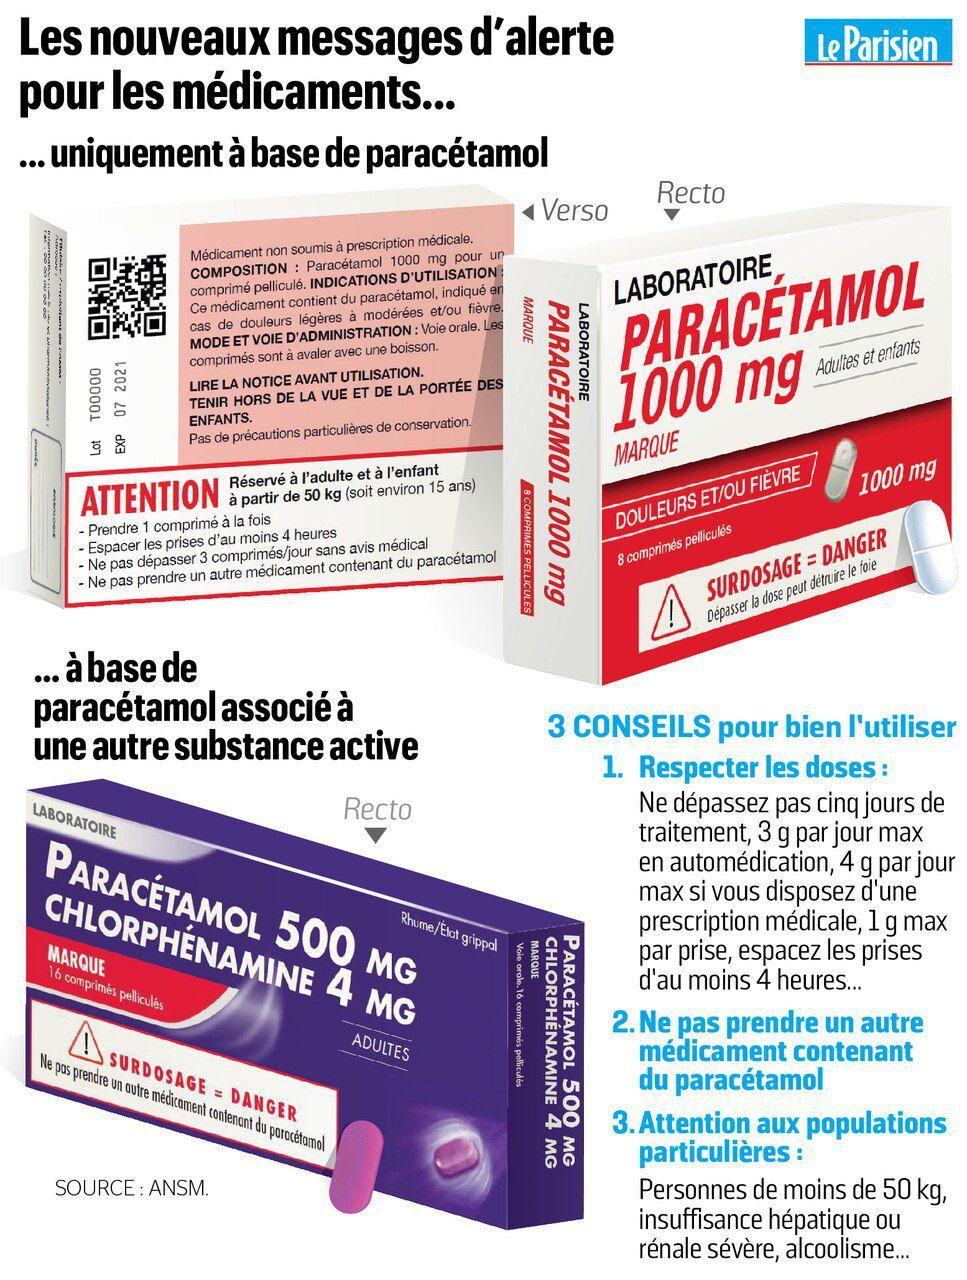 Santé : Alerte sur l'utilisation du Paracétamol